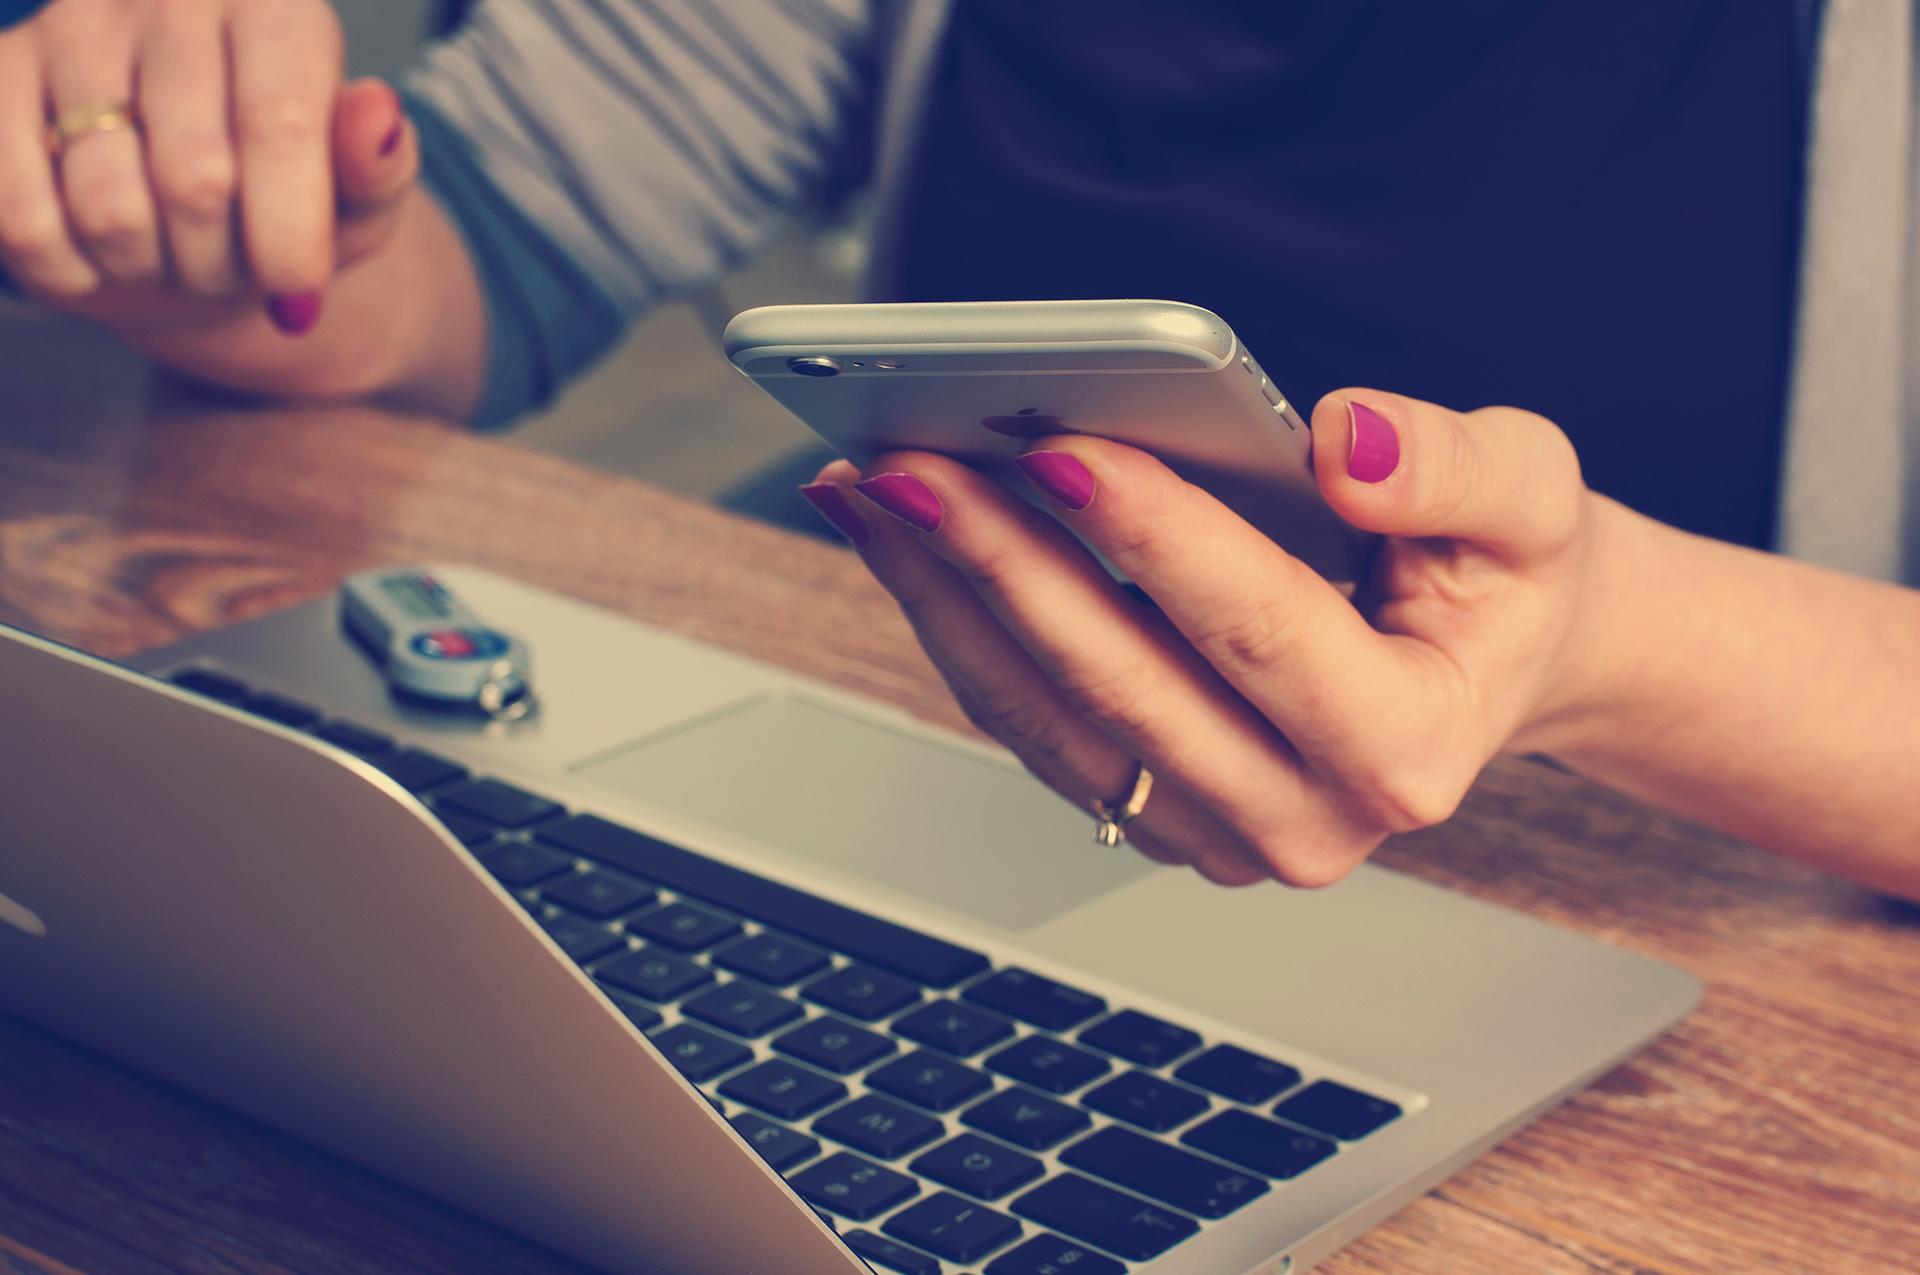 Student at computer, checking phone